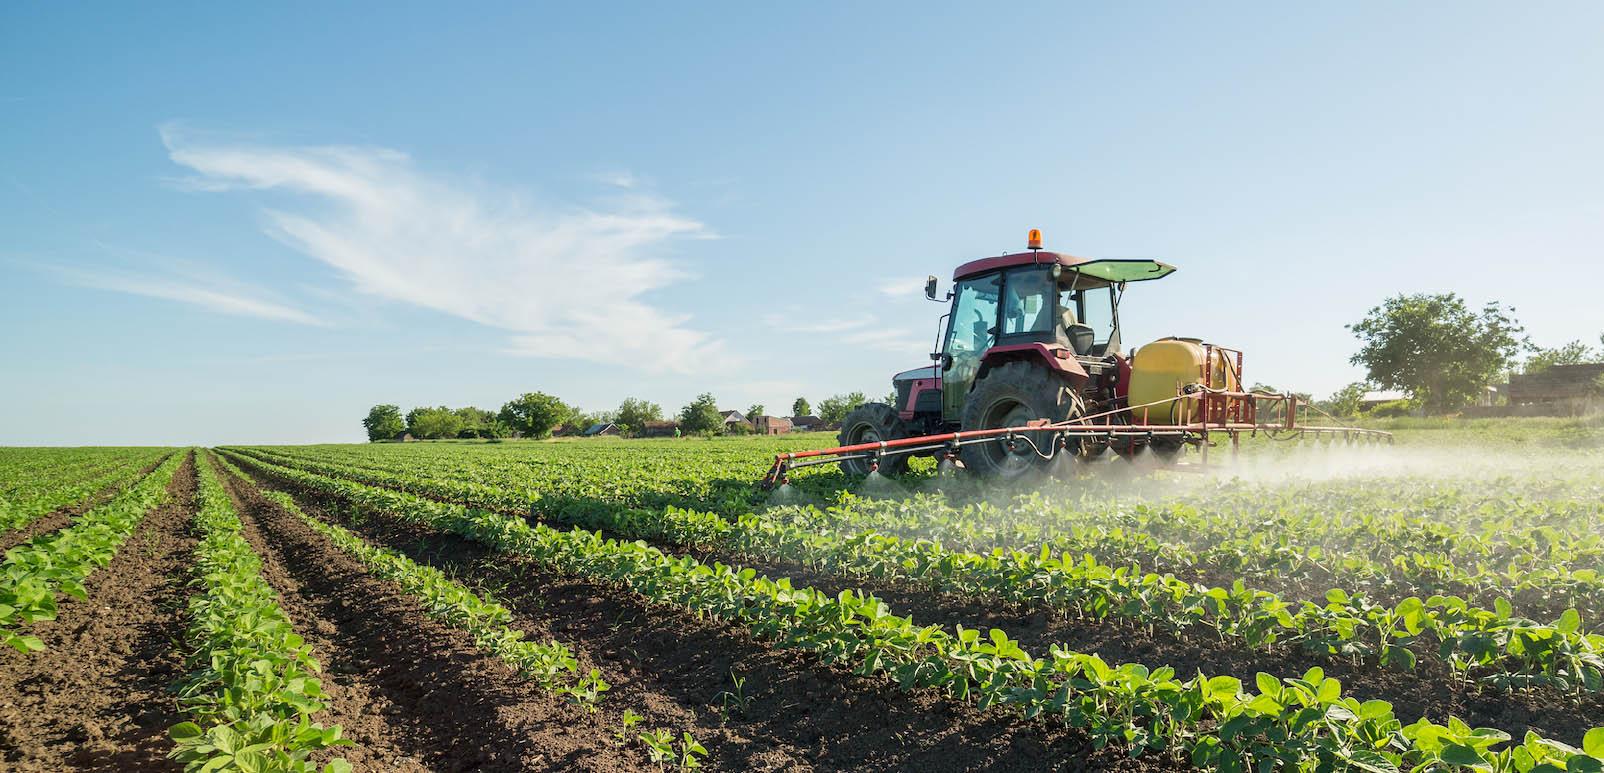 Agrarisch trekker op land